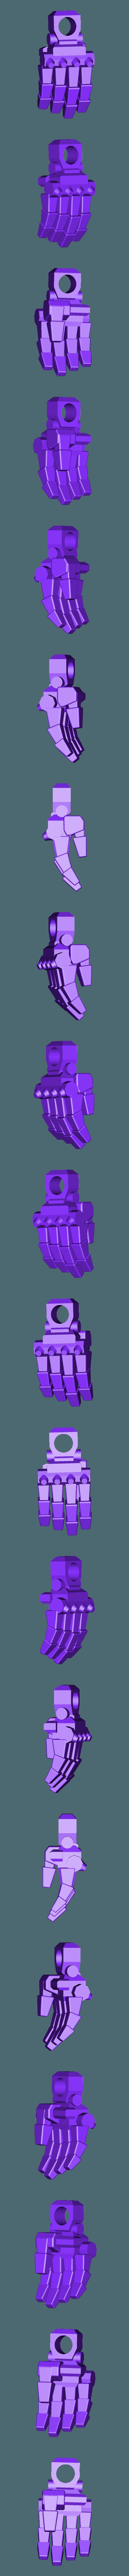 1-100th Defender Layout-HighRez-RightOpenHand.stl Télécharger fichier STL gratuit 1/100e de l'échelle Defender Mech • Design pour imprimante 3D, johnbearross